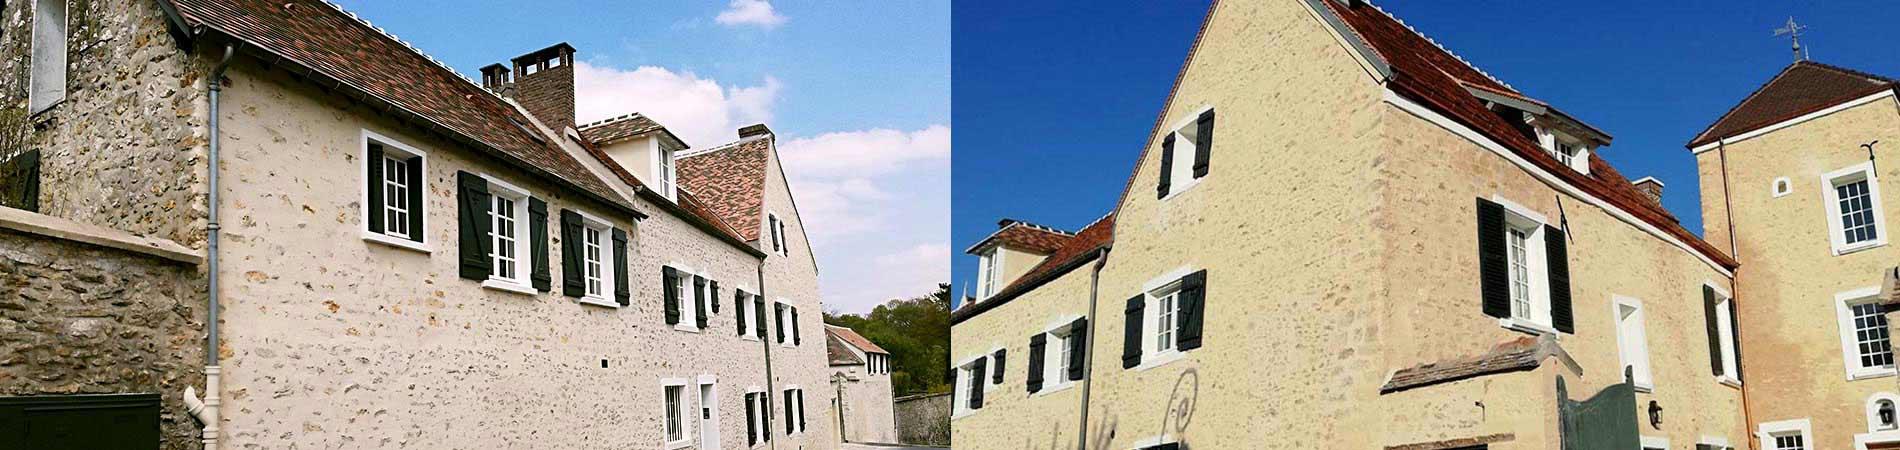 Maison historique à L'Étang-la-Ville